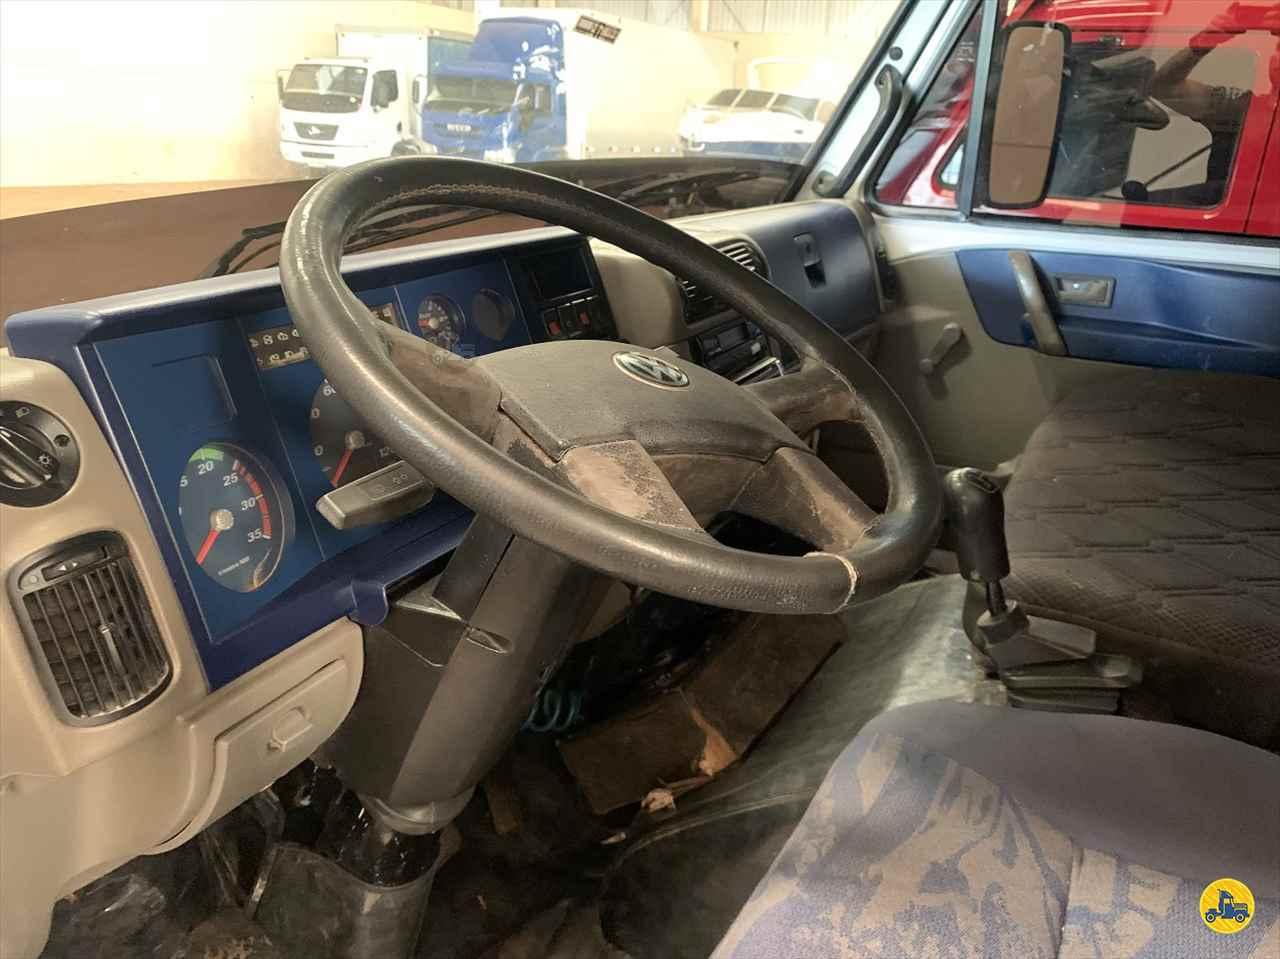 VOLKSWAGEN VW 9150 500000km 2008/2009 Estacionamento Gaucho